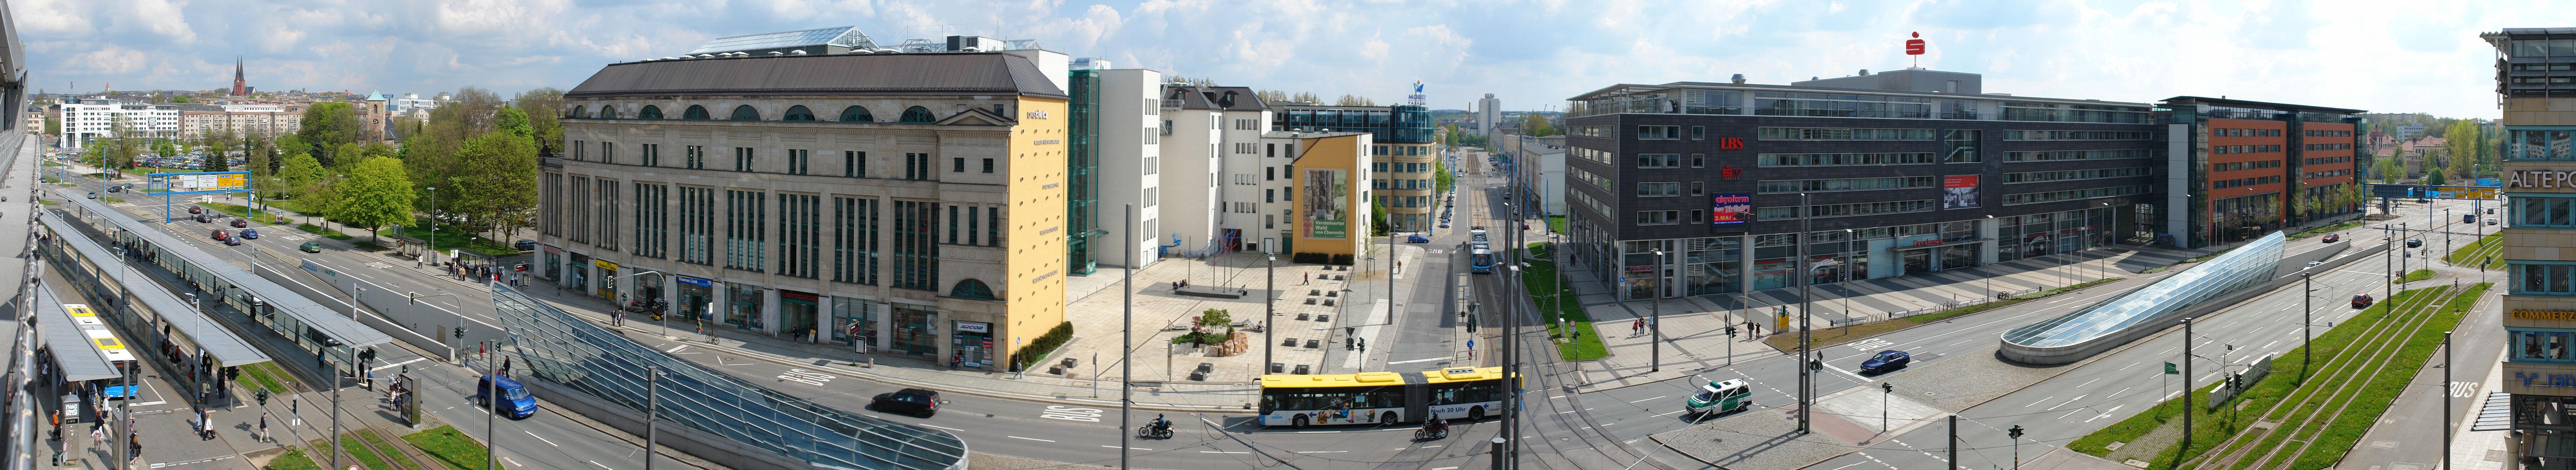 Panorama vom Parkhaus des Gläsernen Kaufhauses auf das DASTietz, dem Moritzhof und dem Bürgerverwaltungszentrum